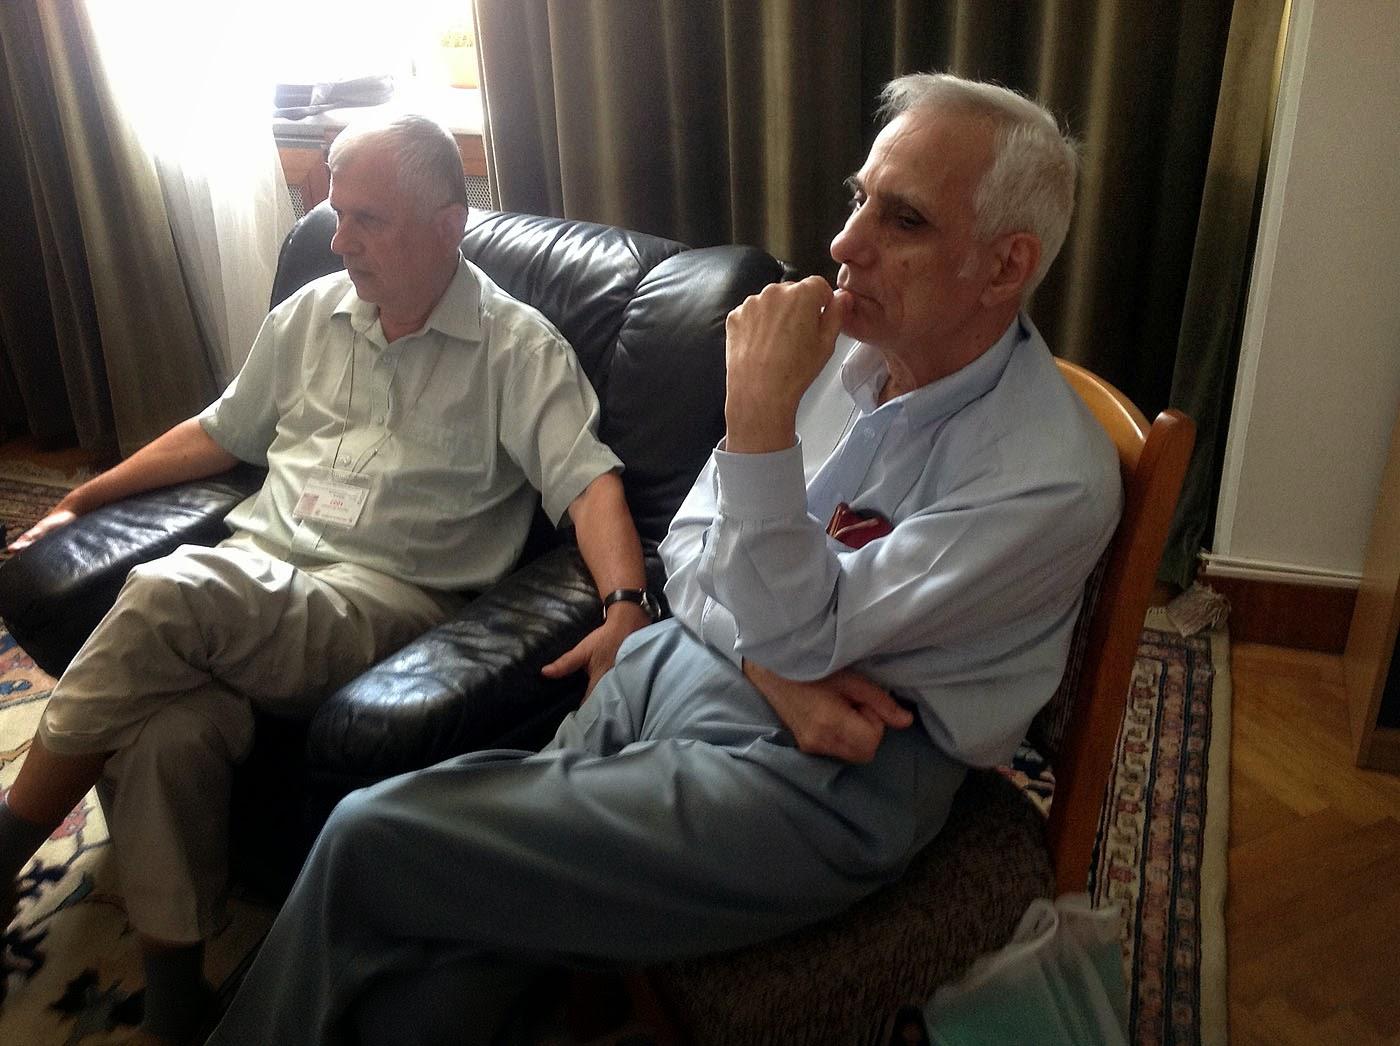 Profesorii Udriste si Nicolae Marcov ( tatal meu ),Palatul Parlamentului, 20 iulie 2012